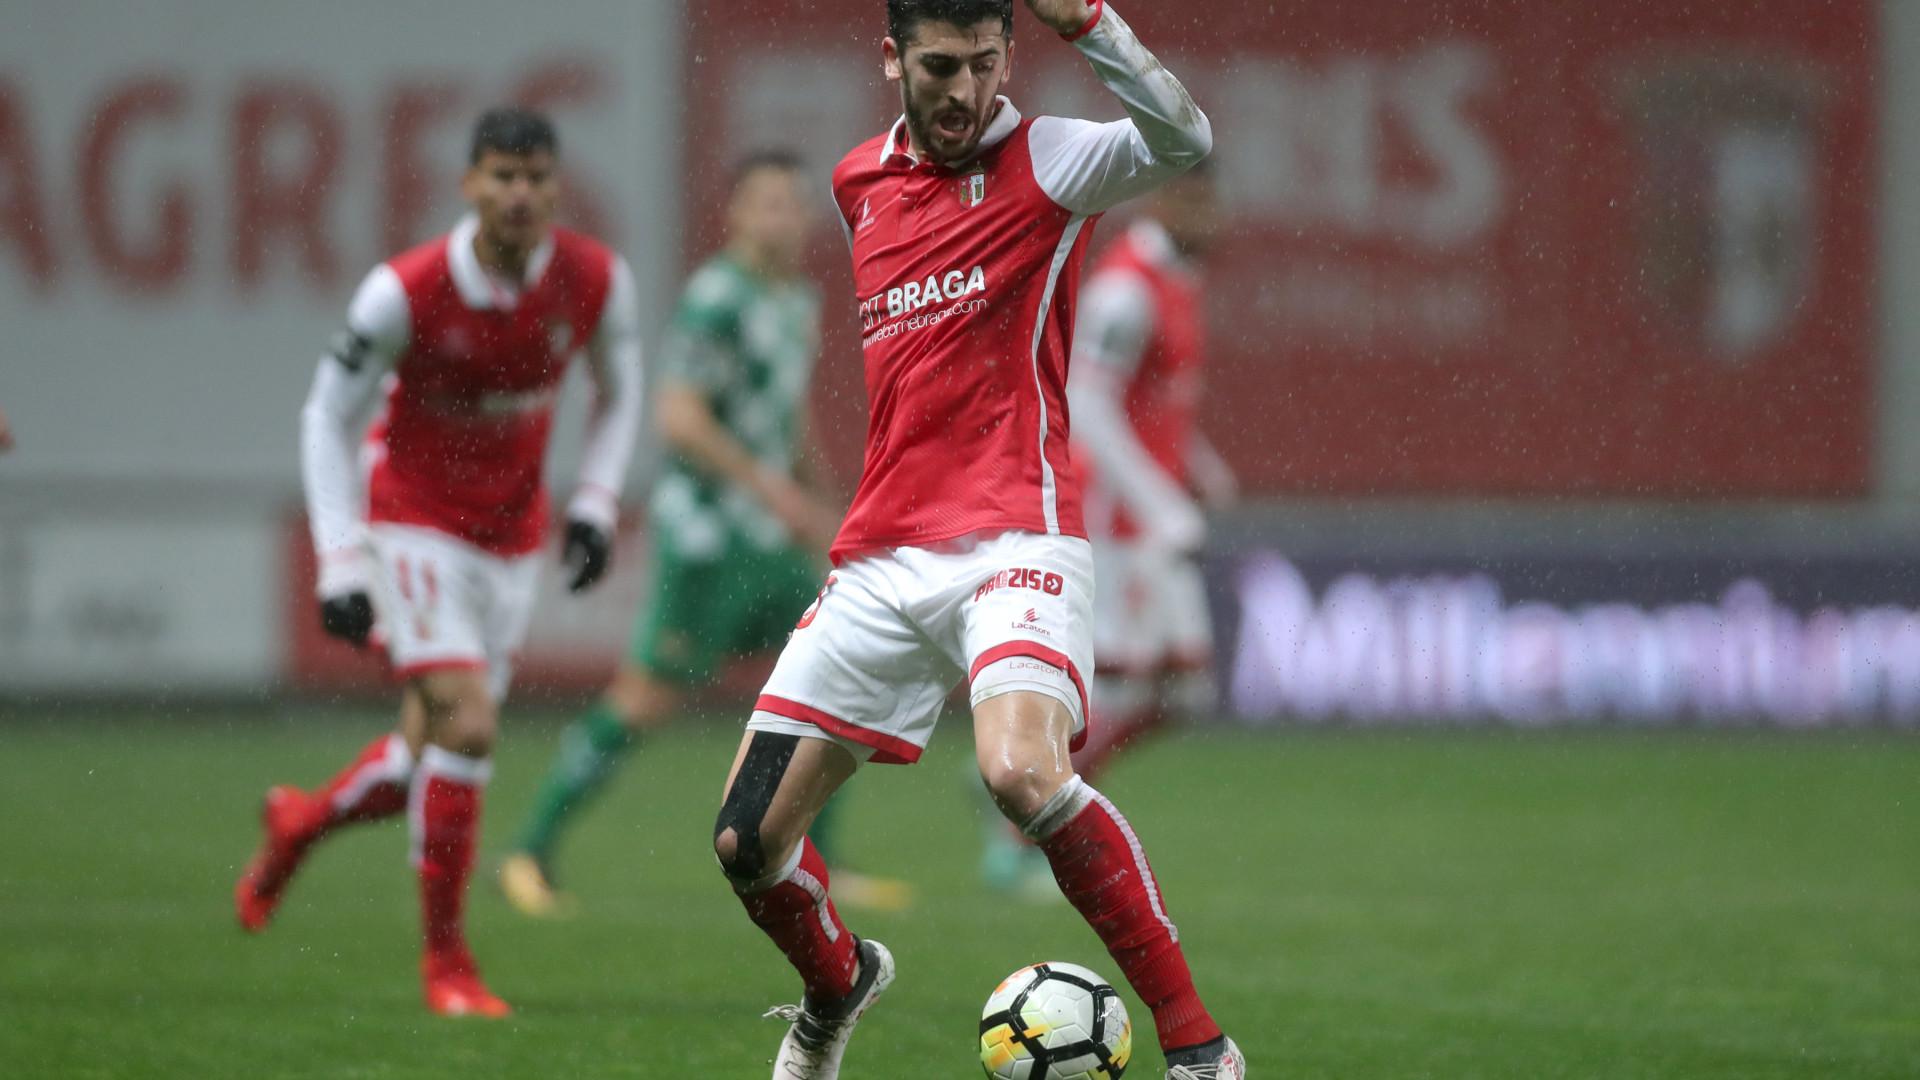 Sporting de Braga quer 'blindar' Paulinho contra tentações do estrangeiro